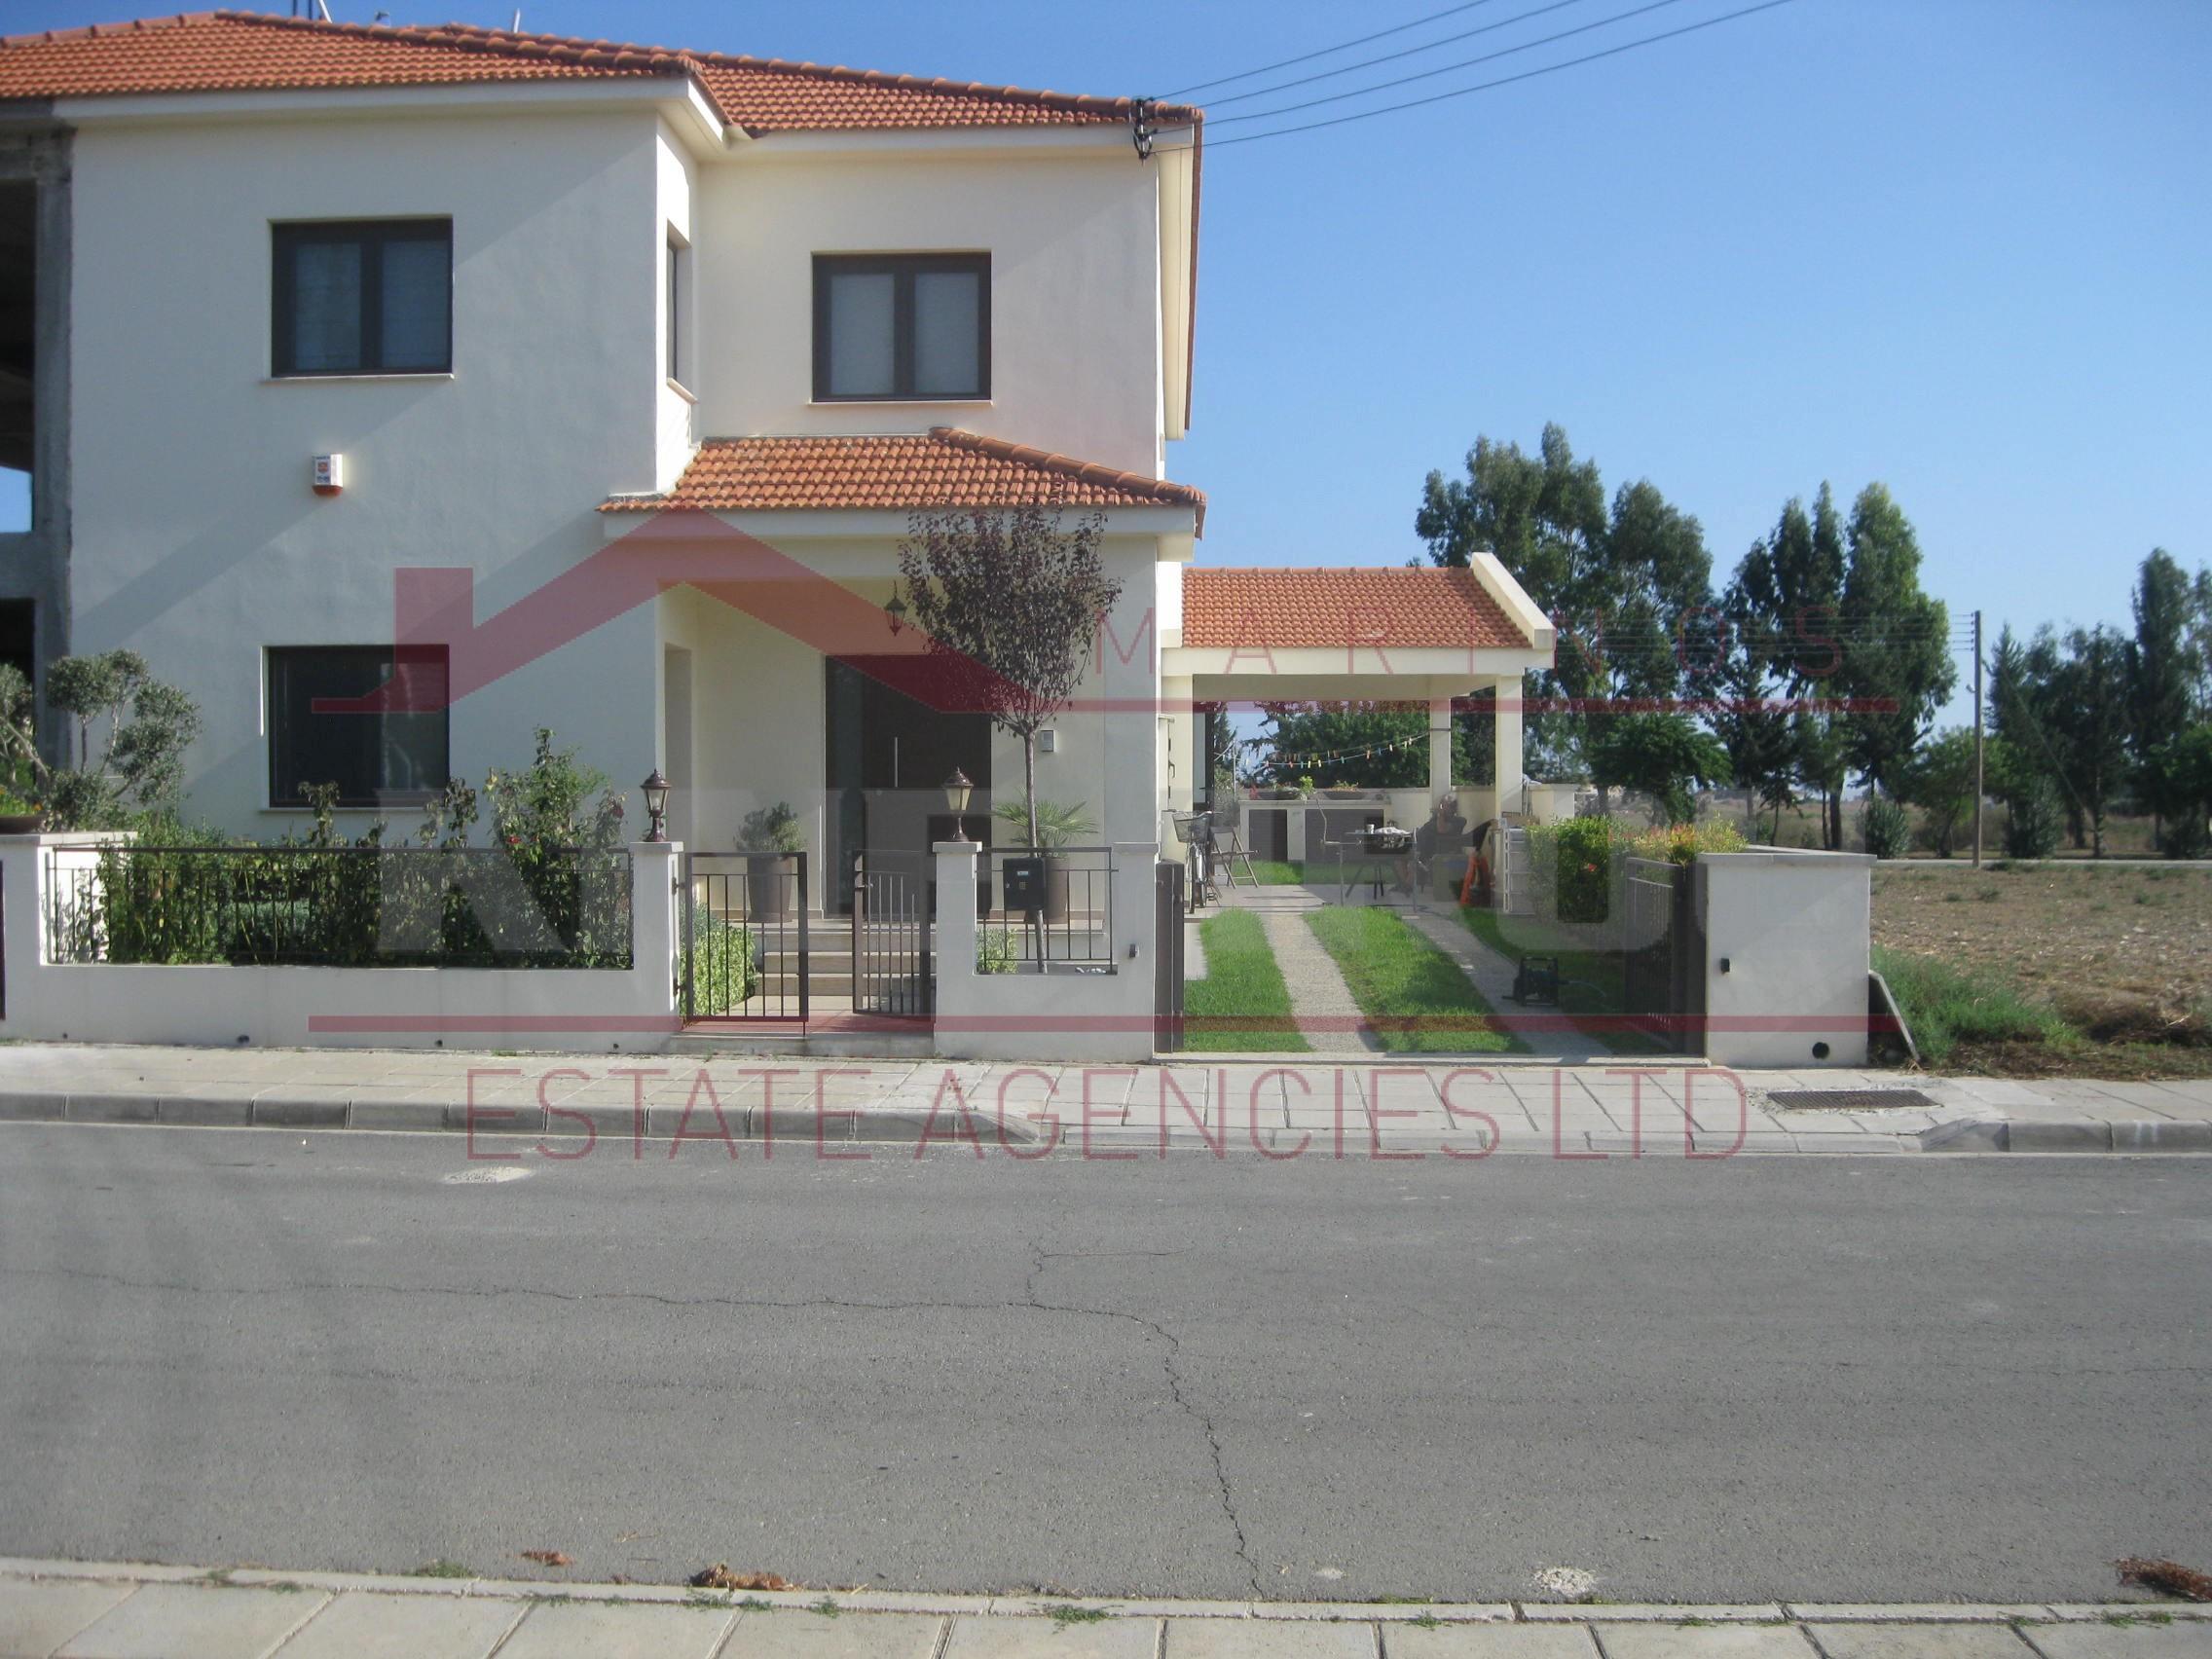 4 Bedroom house for sale in Kiti – Larnaca